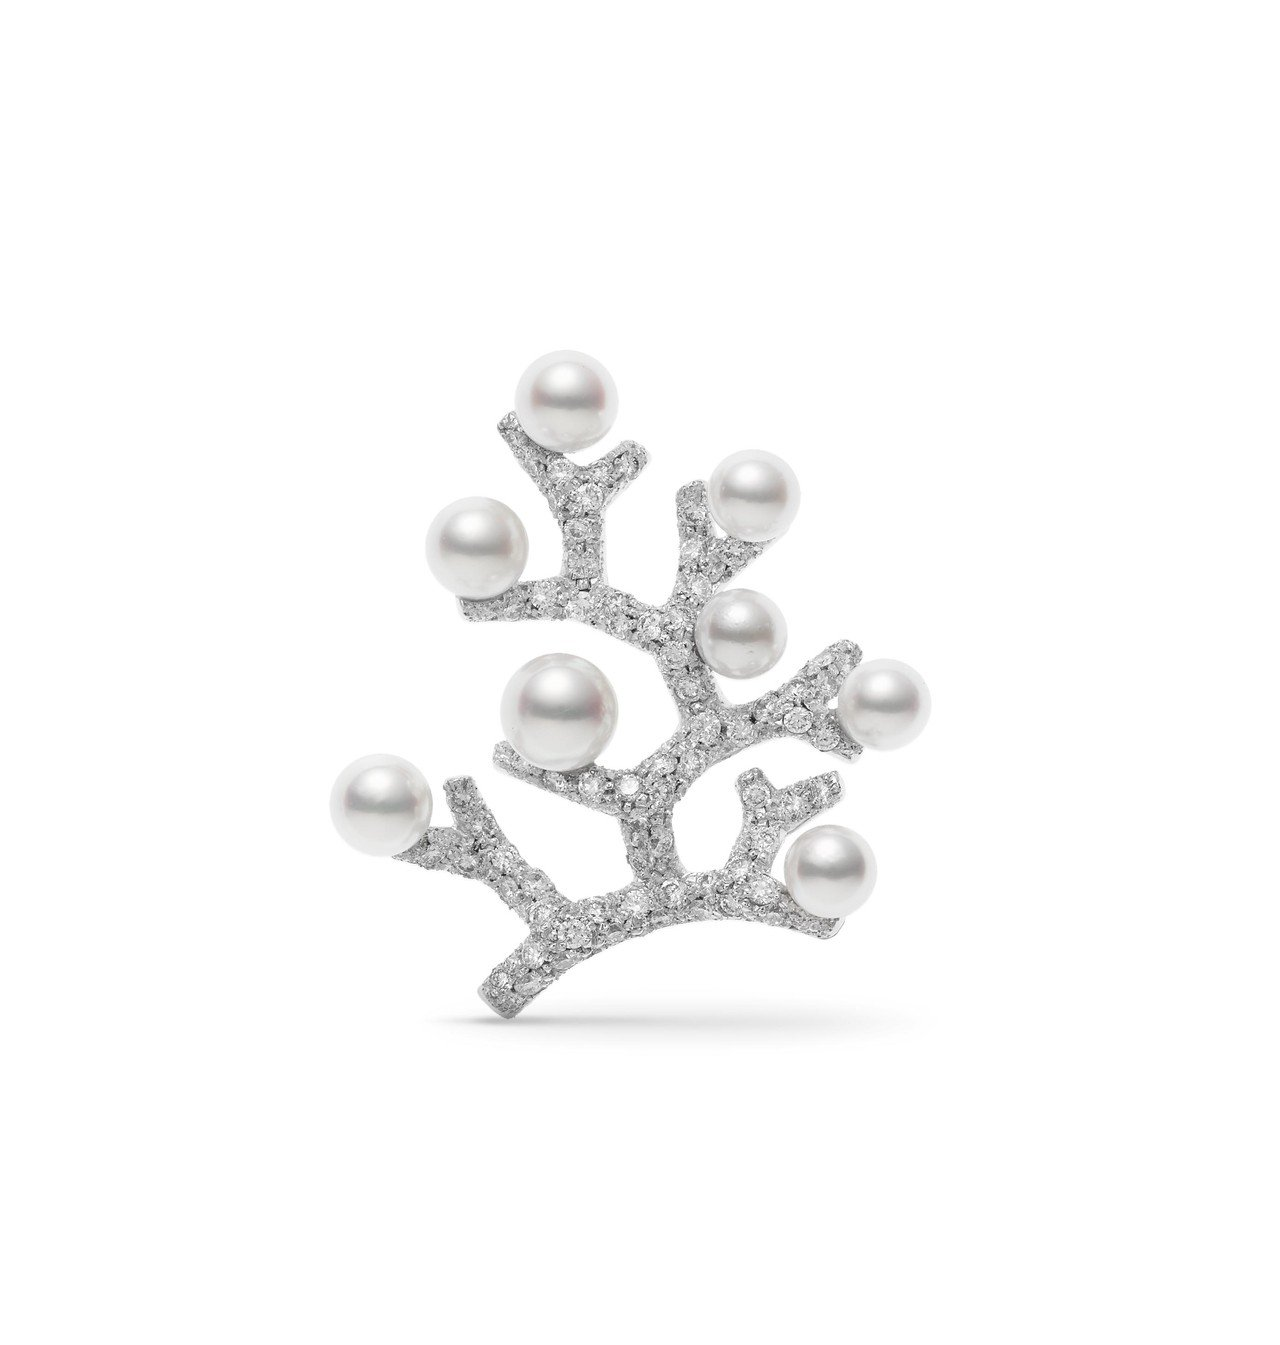 MIKIMOTO Kofuku no ki 日本Akoya珍珠鑽石胸針小型款,1...